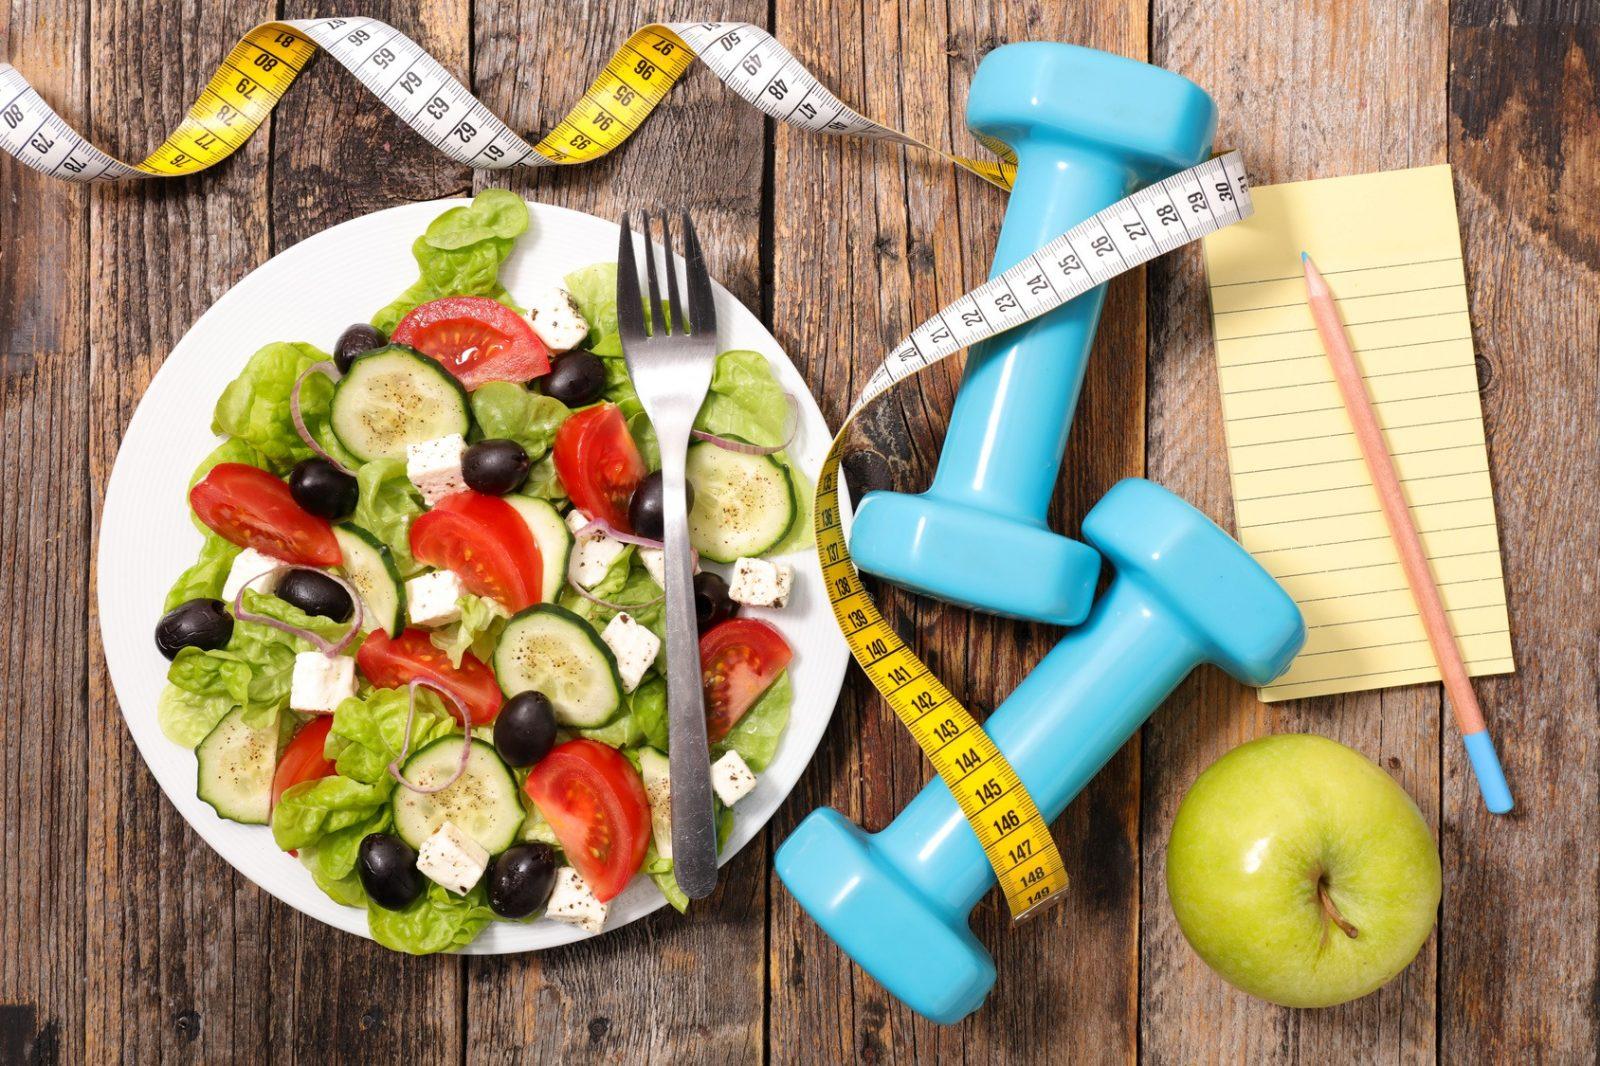 Салат, яблоко зеленное, сантиметровая лента и легкие гантели голубые